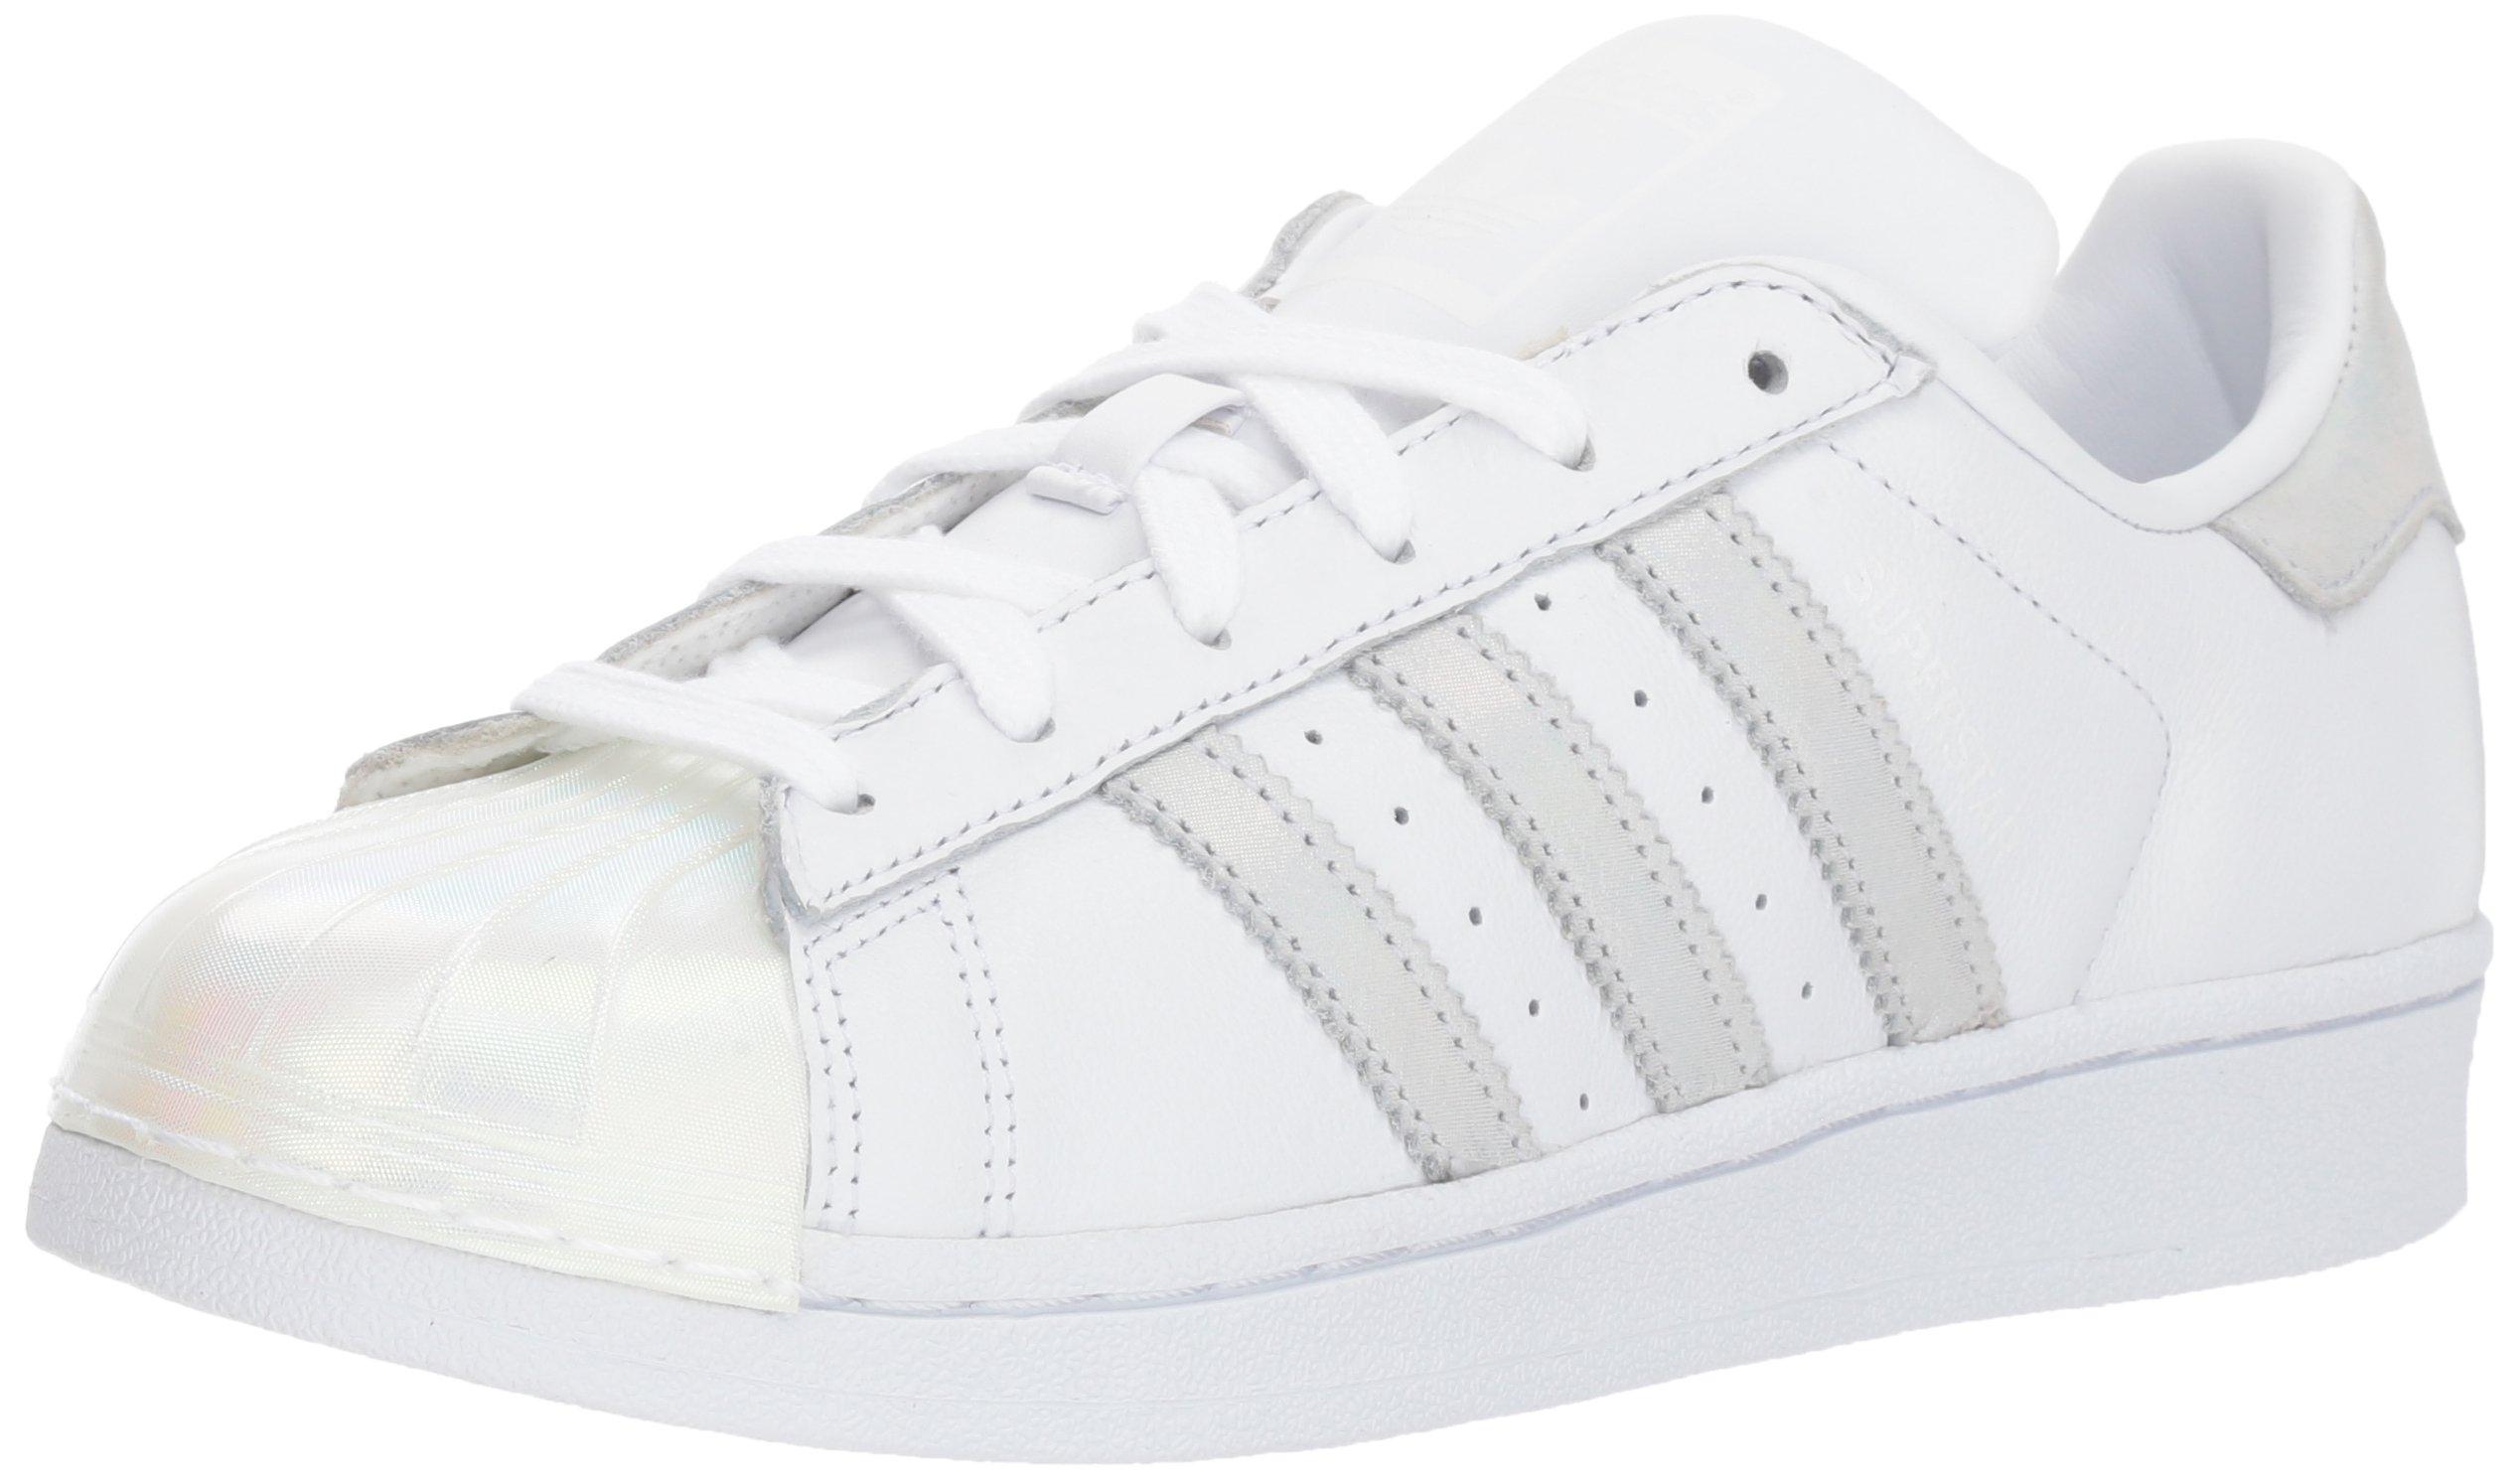 timeless design c3b1a 27961 Galleon - Adidas Originals Superstar J, Conavy,Conavy,NTNAVY, 4.5 Medium US